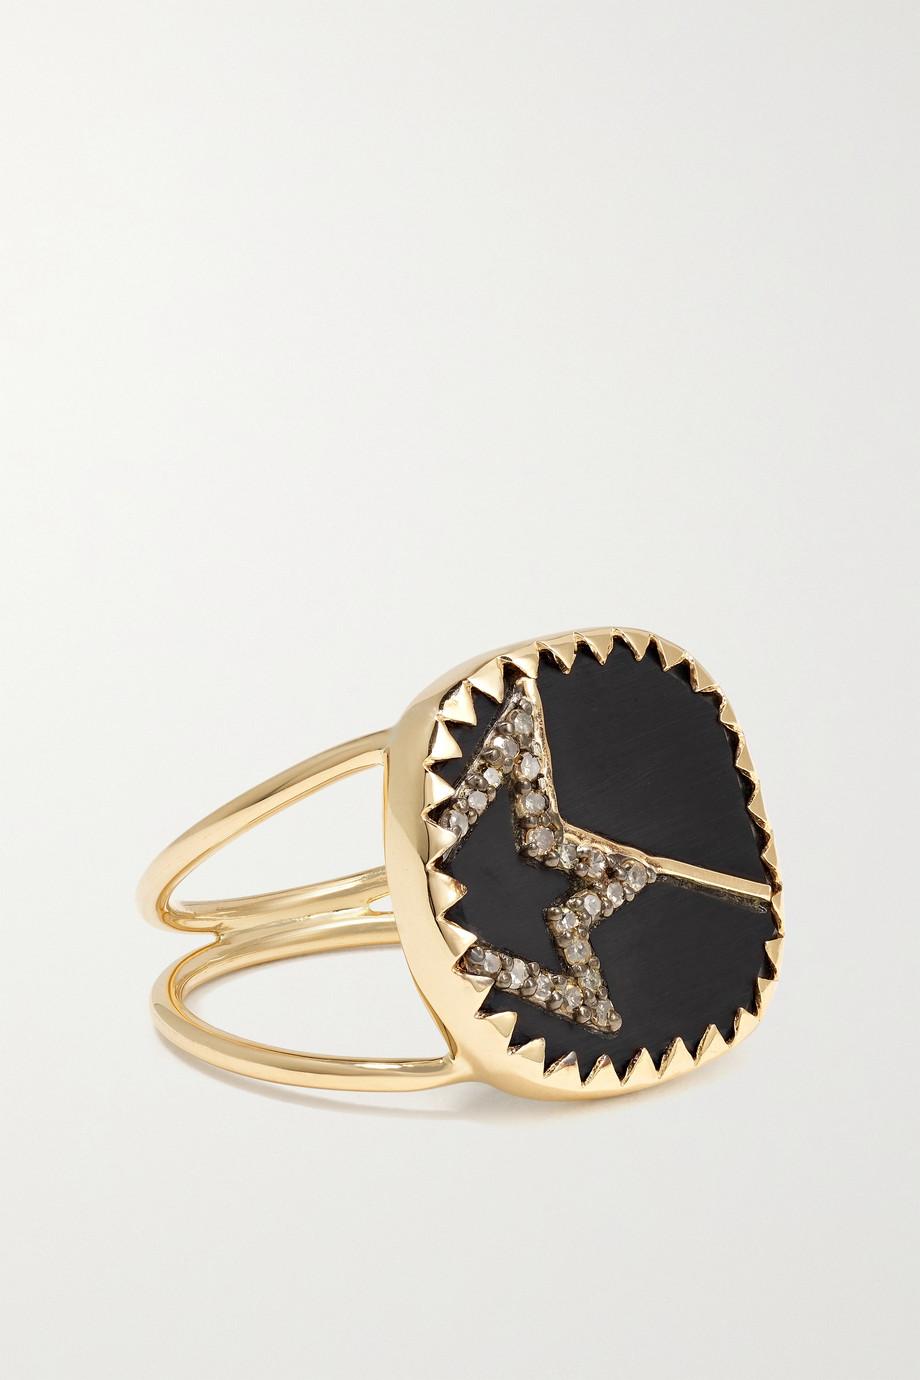 Pascale Monvoisin Varda N°2 9-karat gold, sterling silver, bakelite and diamond ring